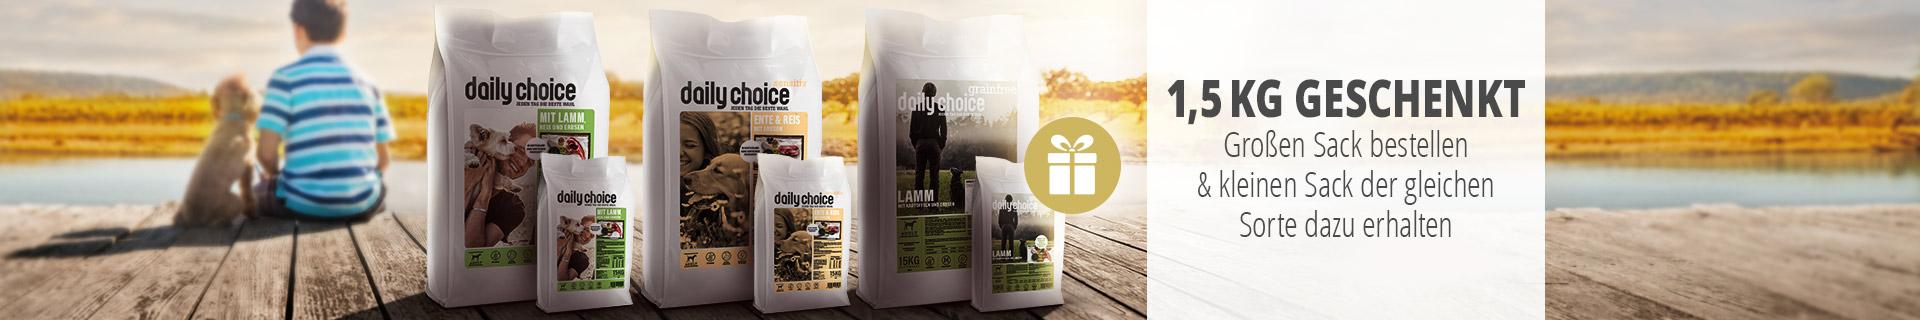 daily choice Trockenfutter Aktion 15kg bestellen und 1,5kg gratis erhalten